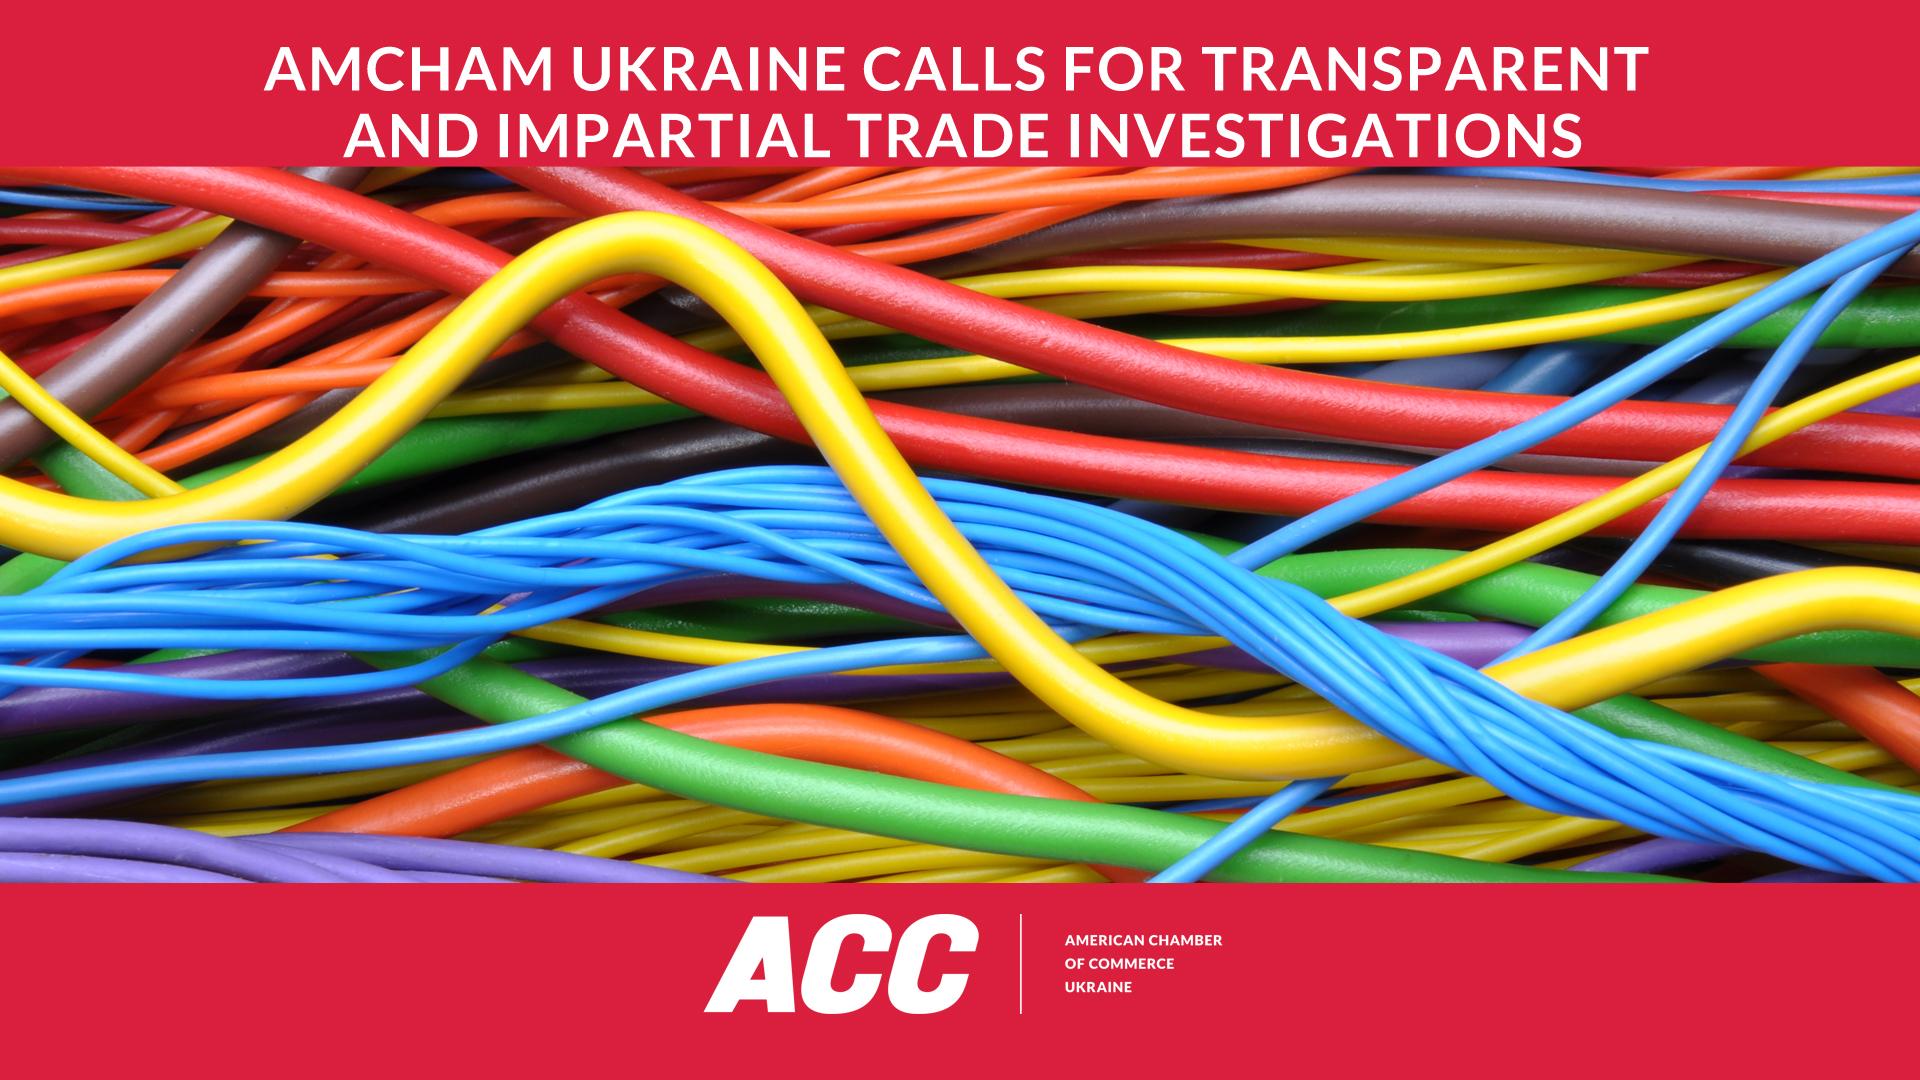 AmCham Ukraine Calls for Transparent and Impartial Trade Investigations